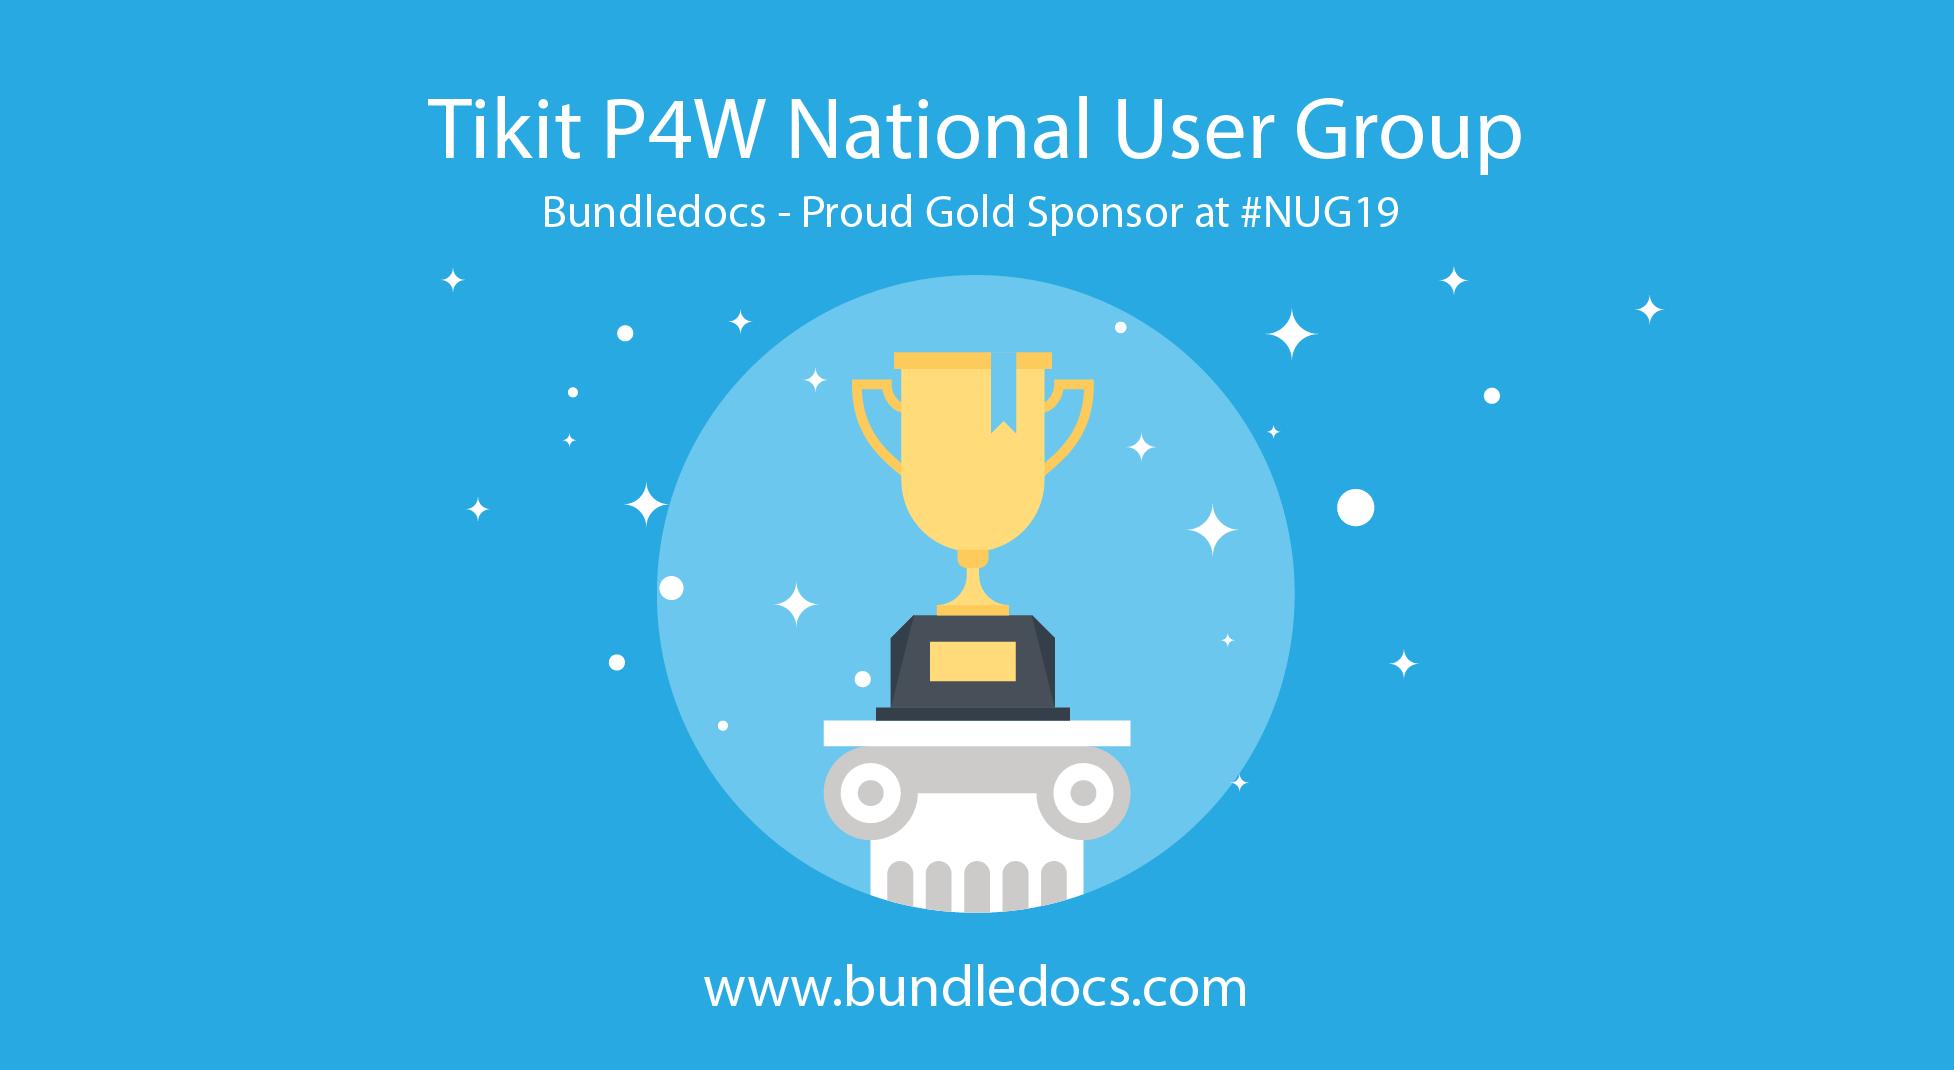 Bundledocs_Gold_Sponsor_Tikit_P4W_National_User_Group_2019.png